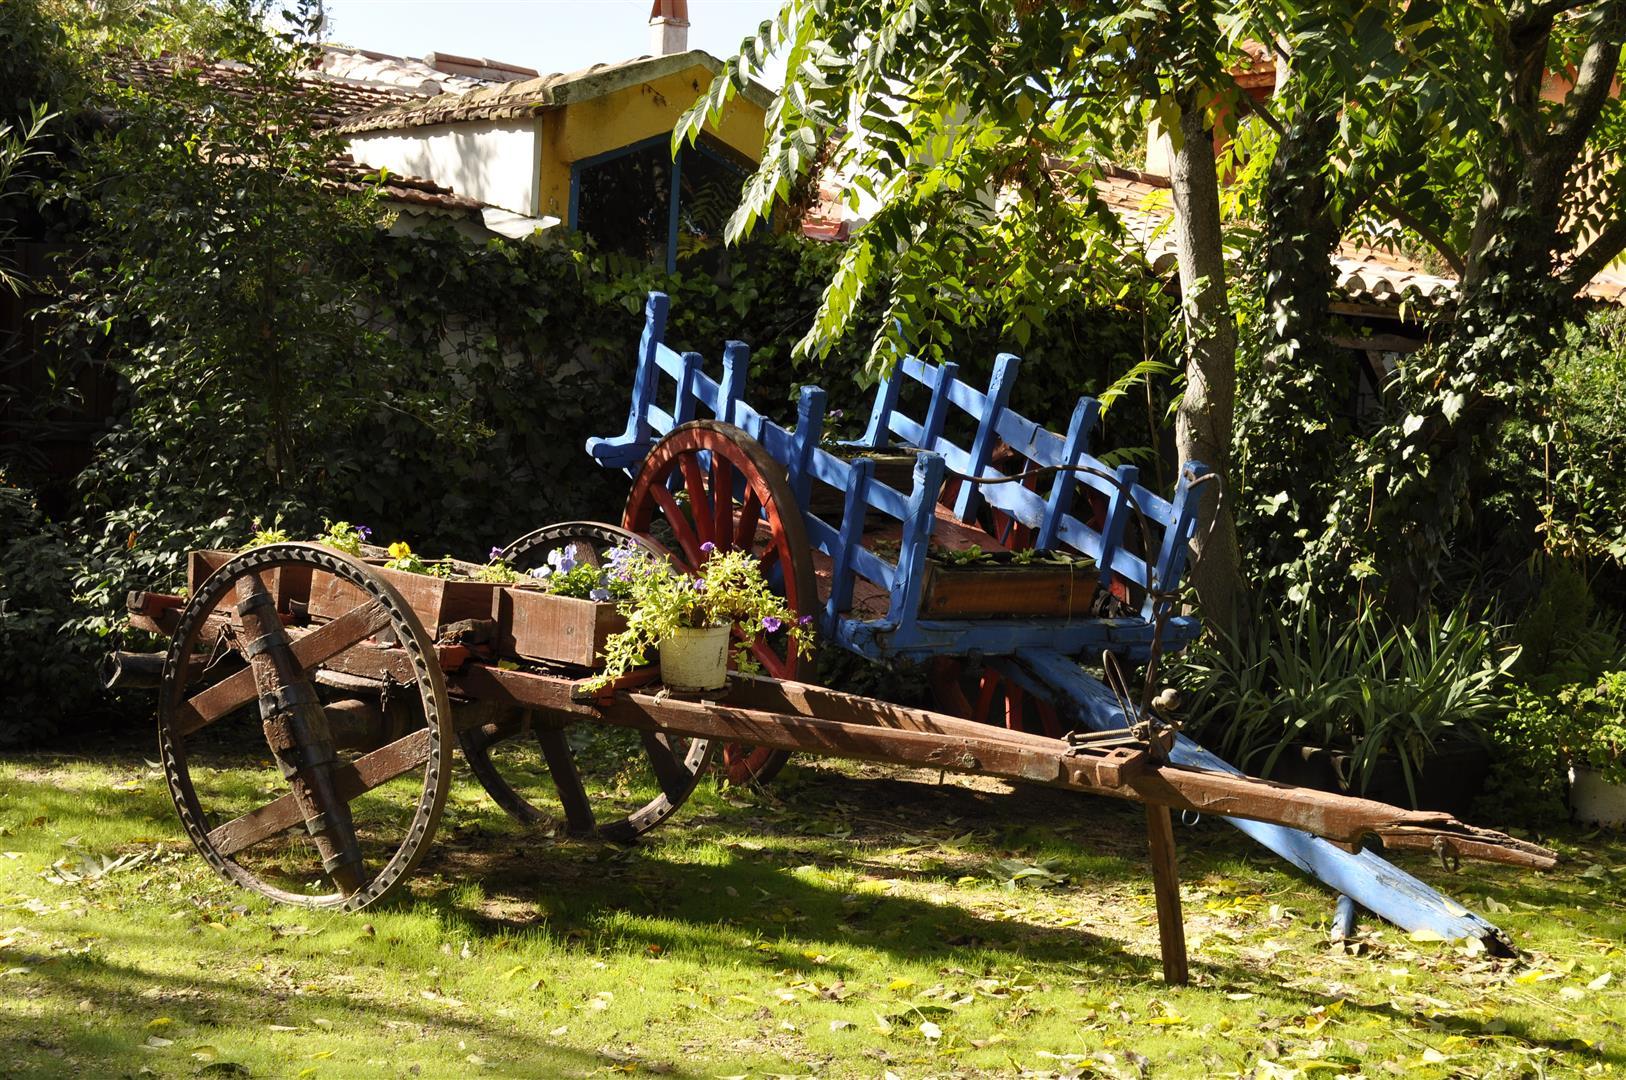 Jardines casas rurales las cavas for Casa rural jardin del desierto